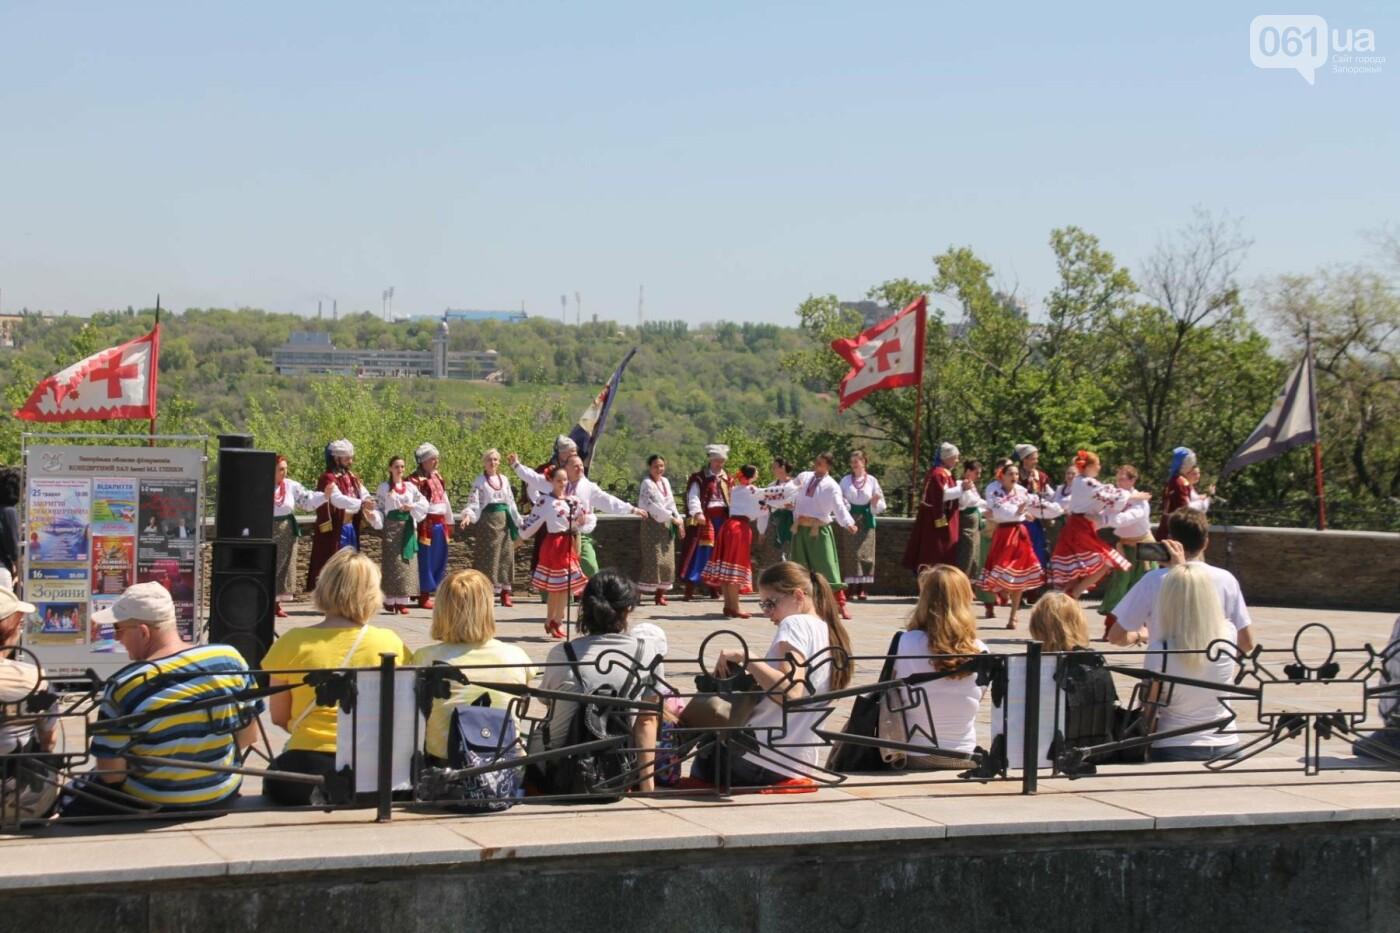 В Запорожье на Хортице концертом открыли туристический сезон: как это было, – ФОТОРЕПОРТАЖ, фото-4